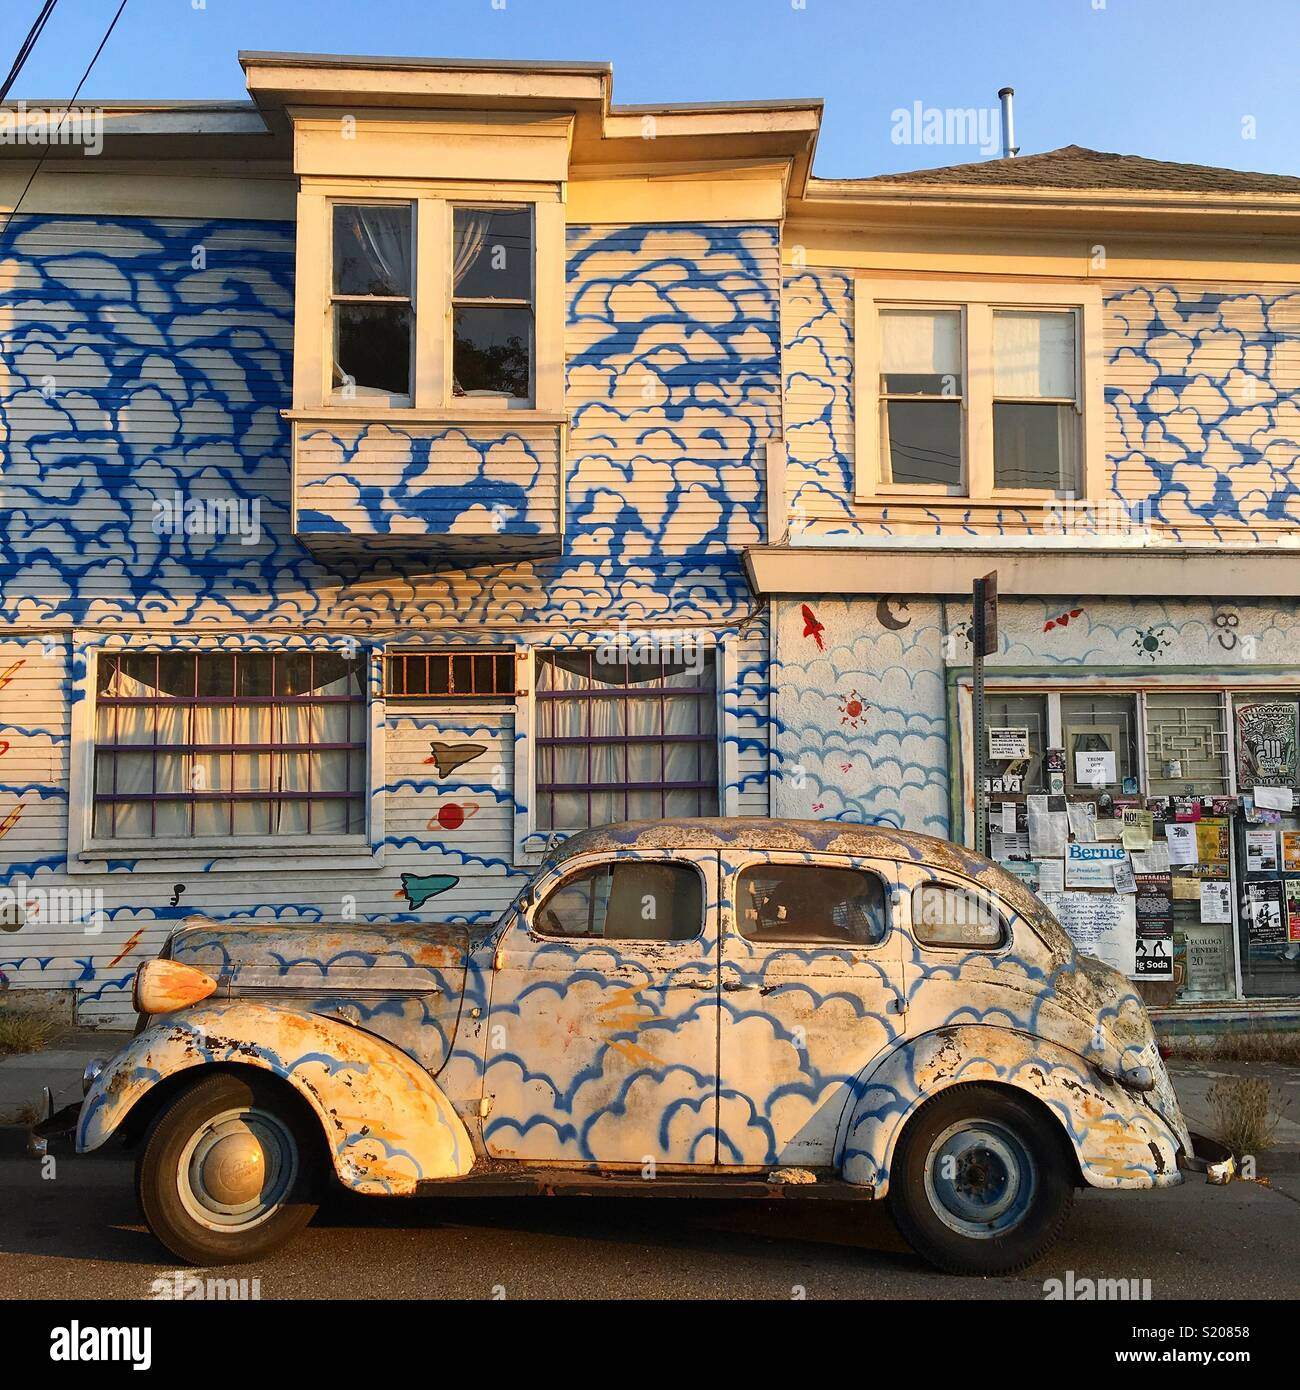 Un coche aparcado delante de una casa con pintura coincidentes Imagen De Stock